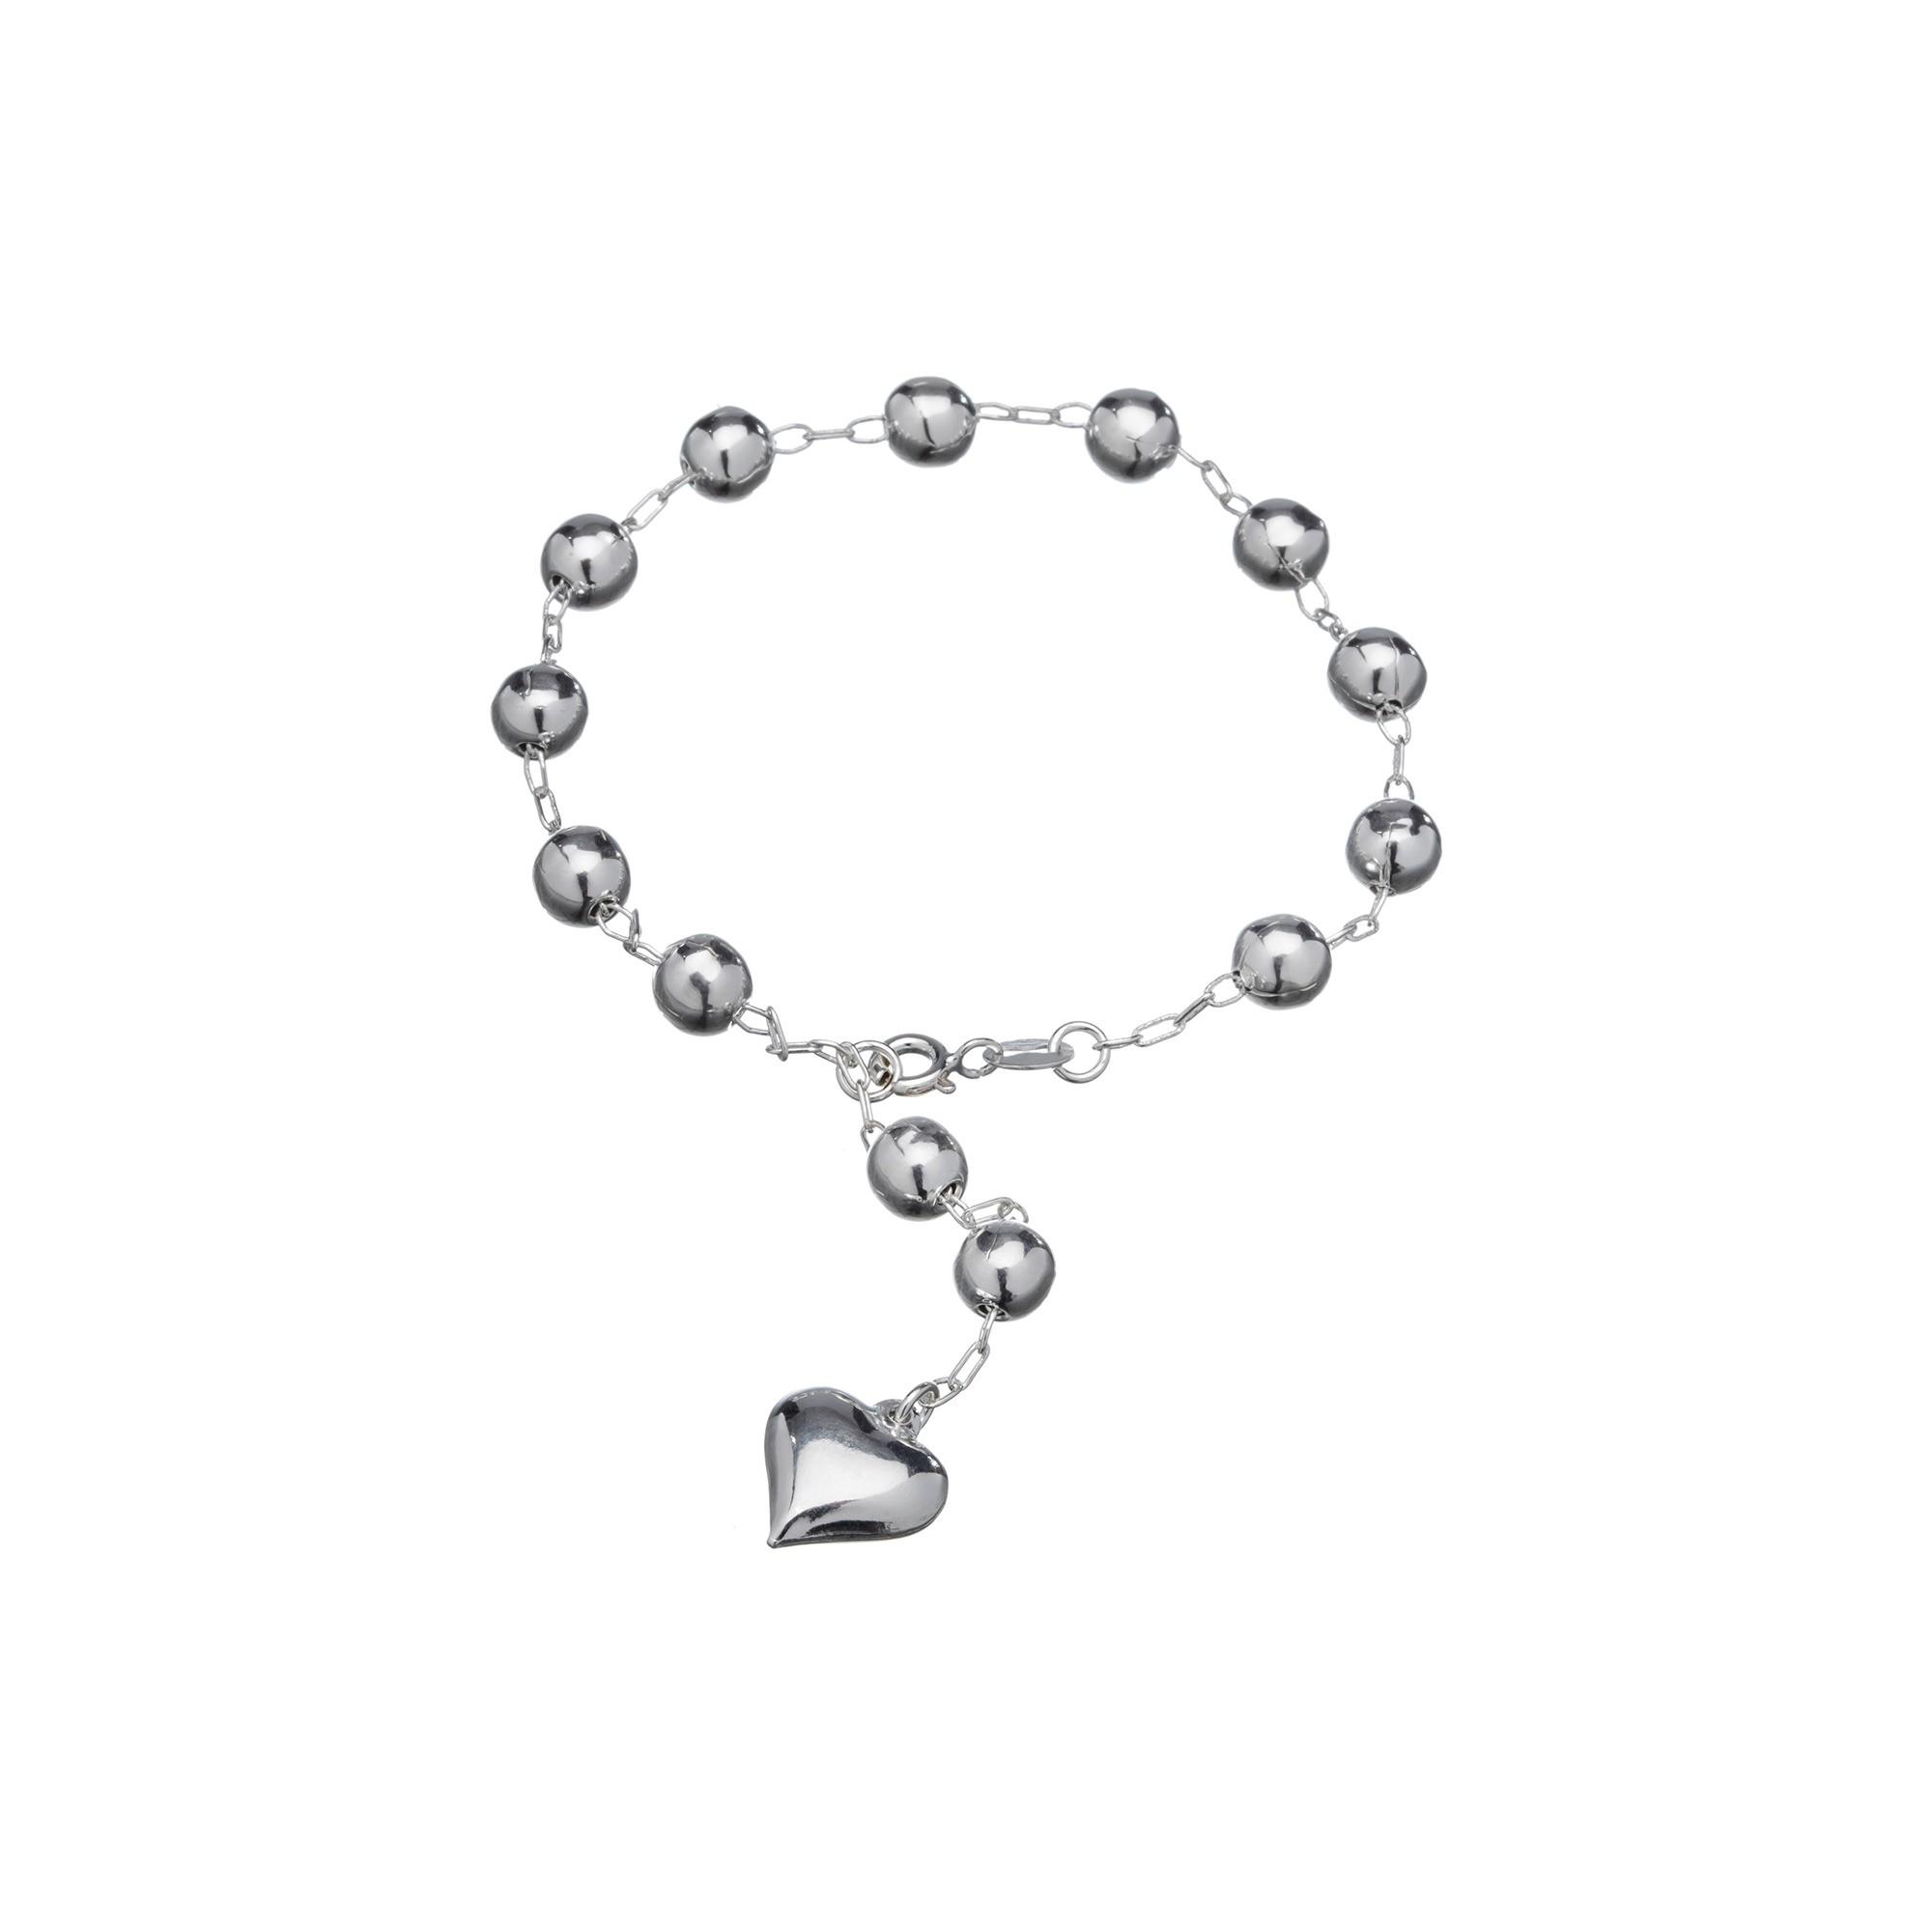 Pulseira Bolinhas e Coração em Prata 925 16cm + Extensor